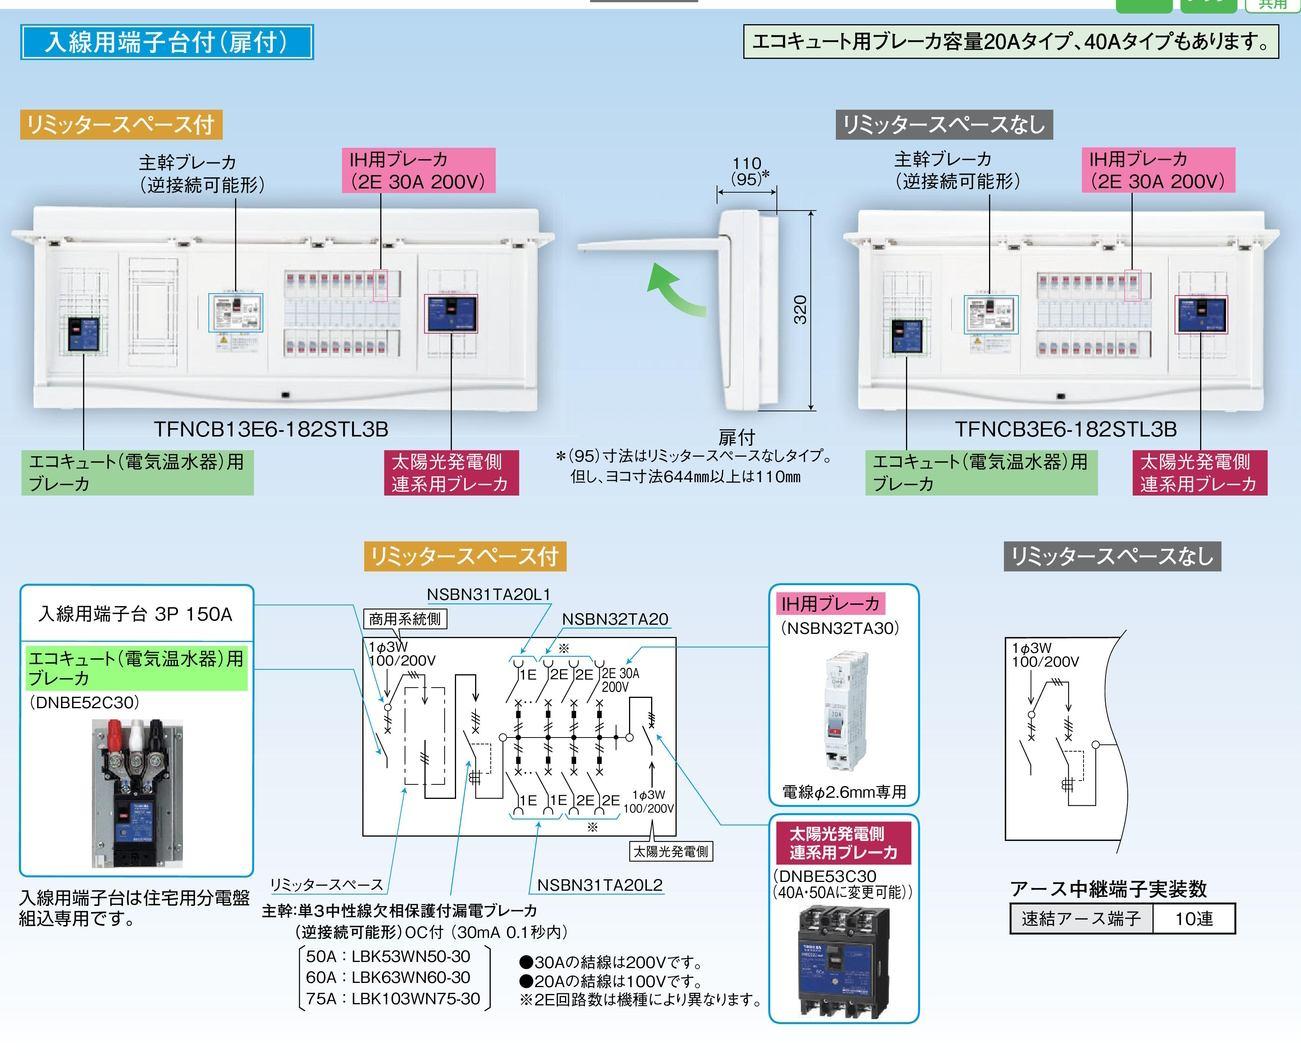 【東芝】小形住宅用分電盤N 扉付・機能付 全電化 75A TFNCB3E7-222STL3B